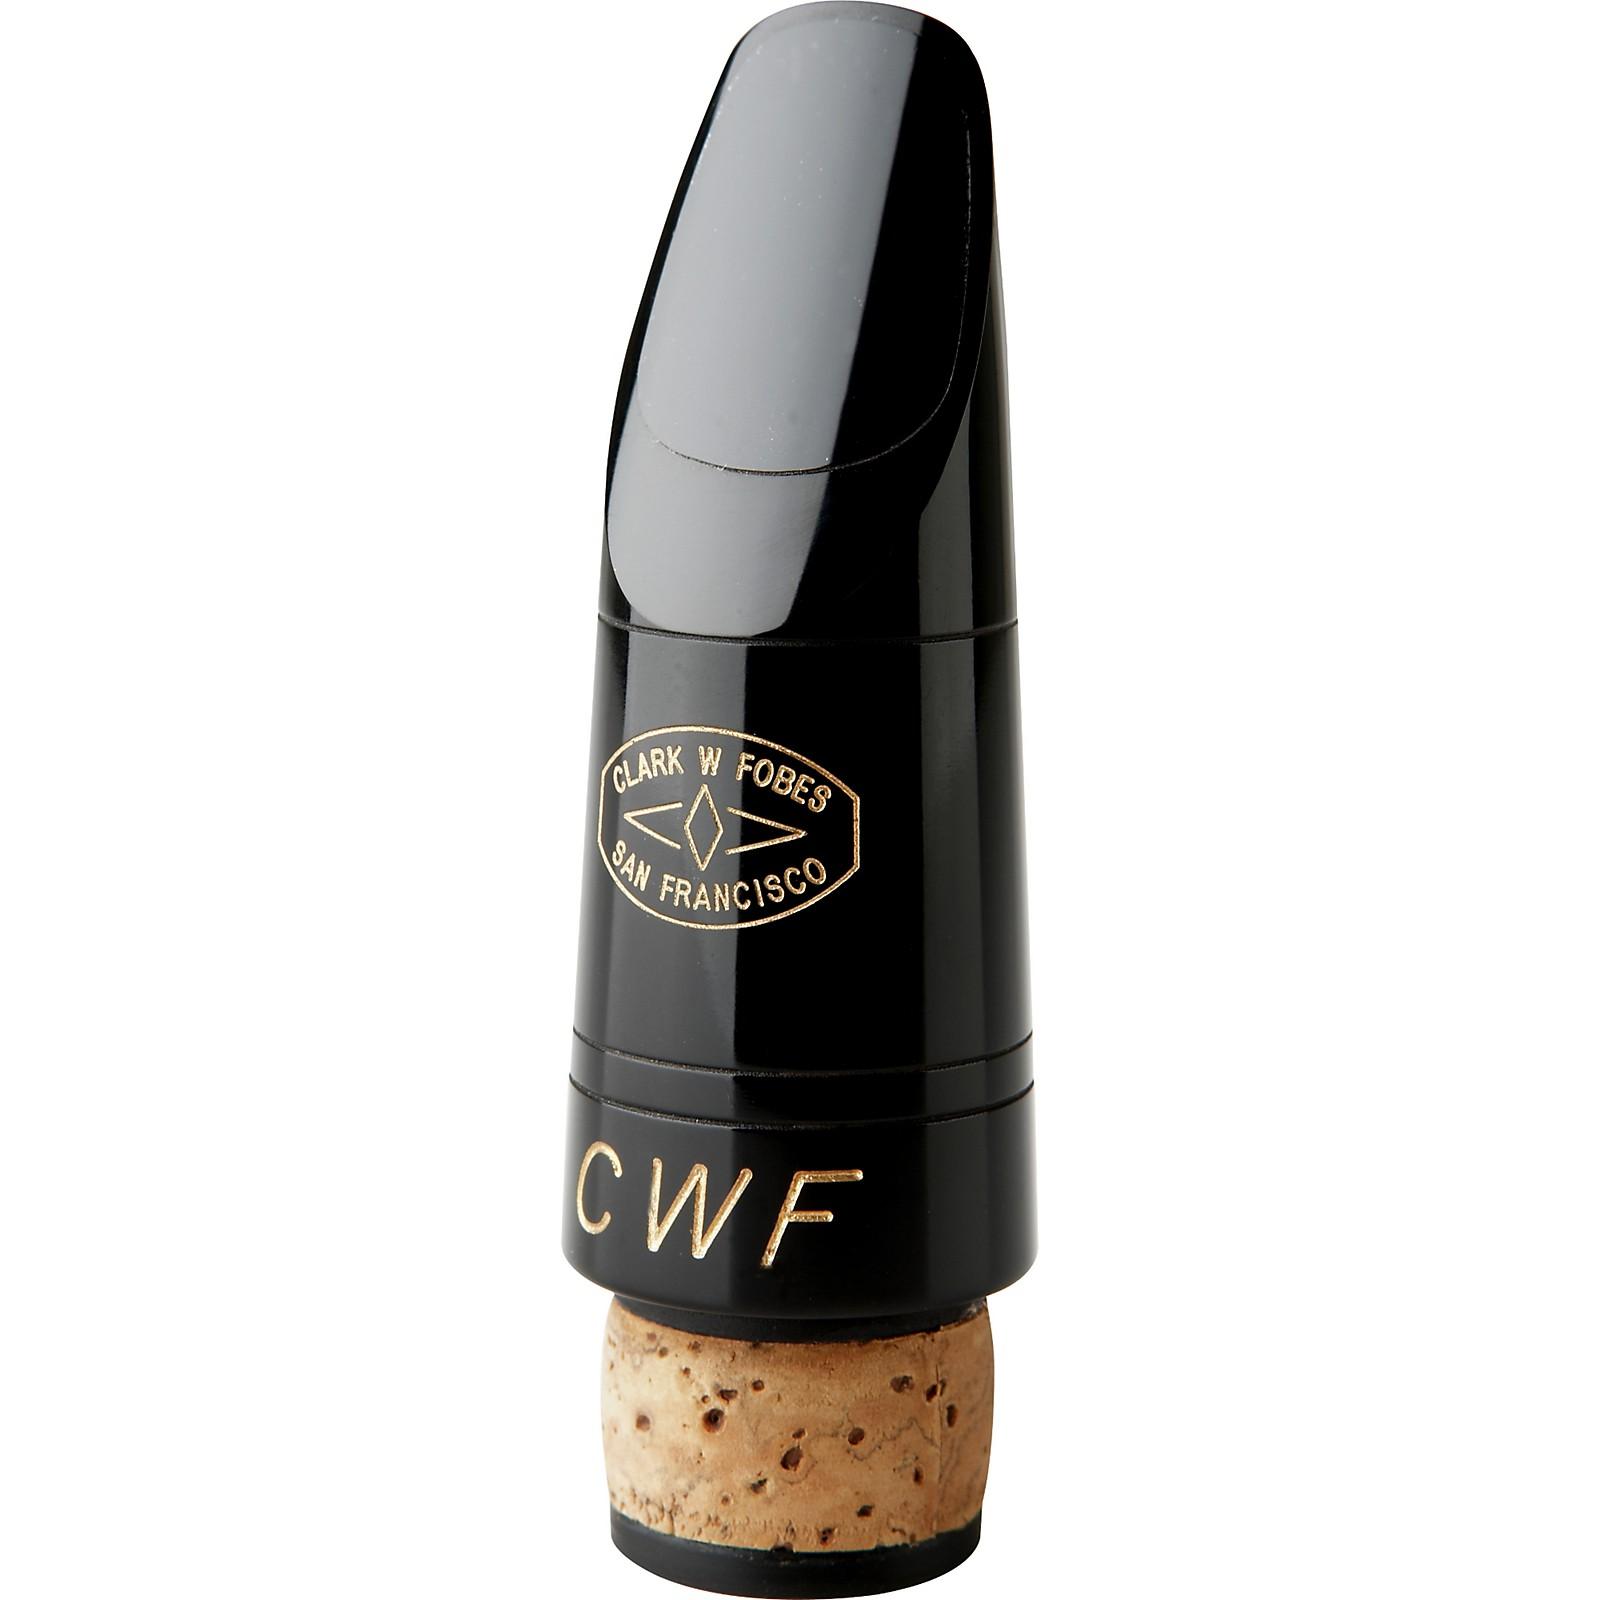 Clark W Fobes CWF Clarinet Mouthpiece